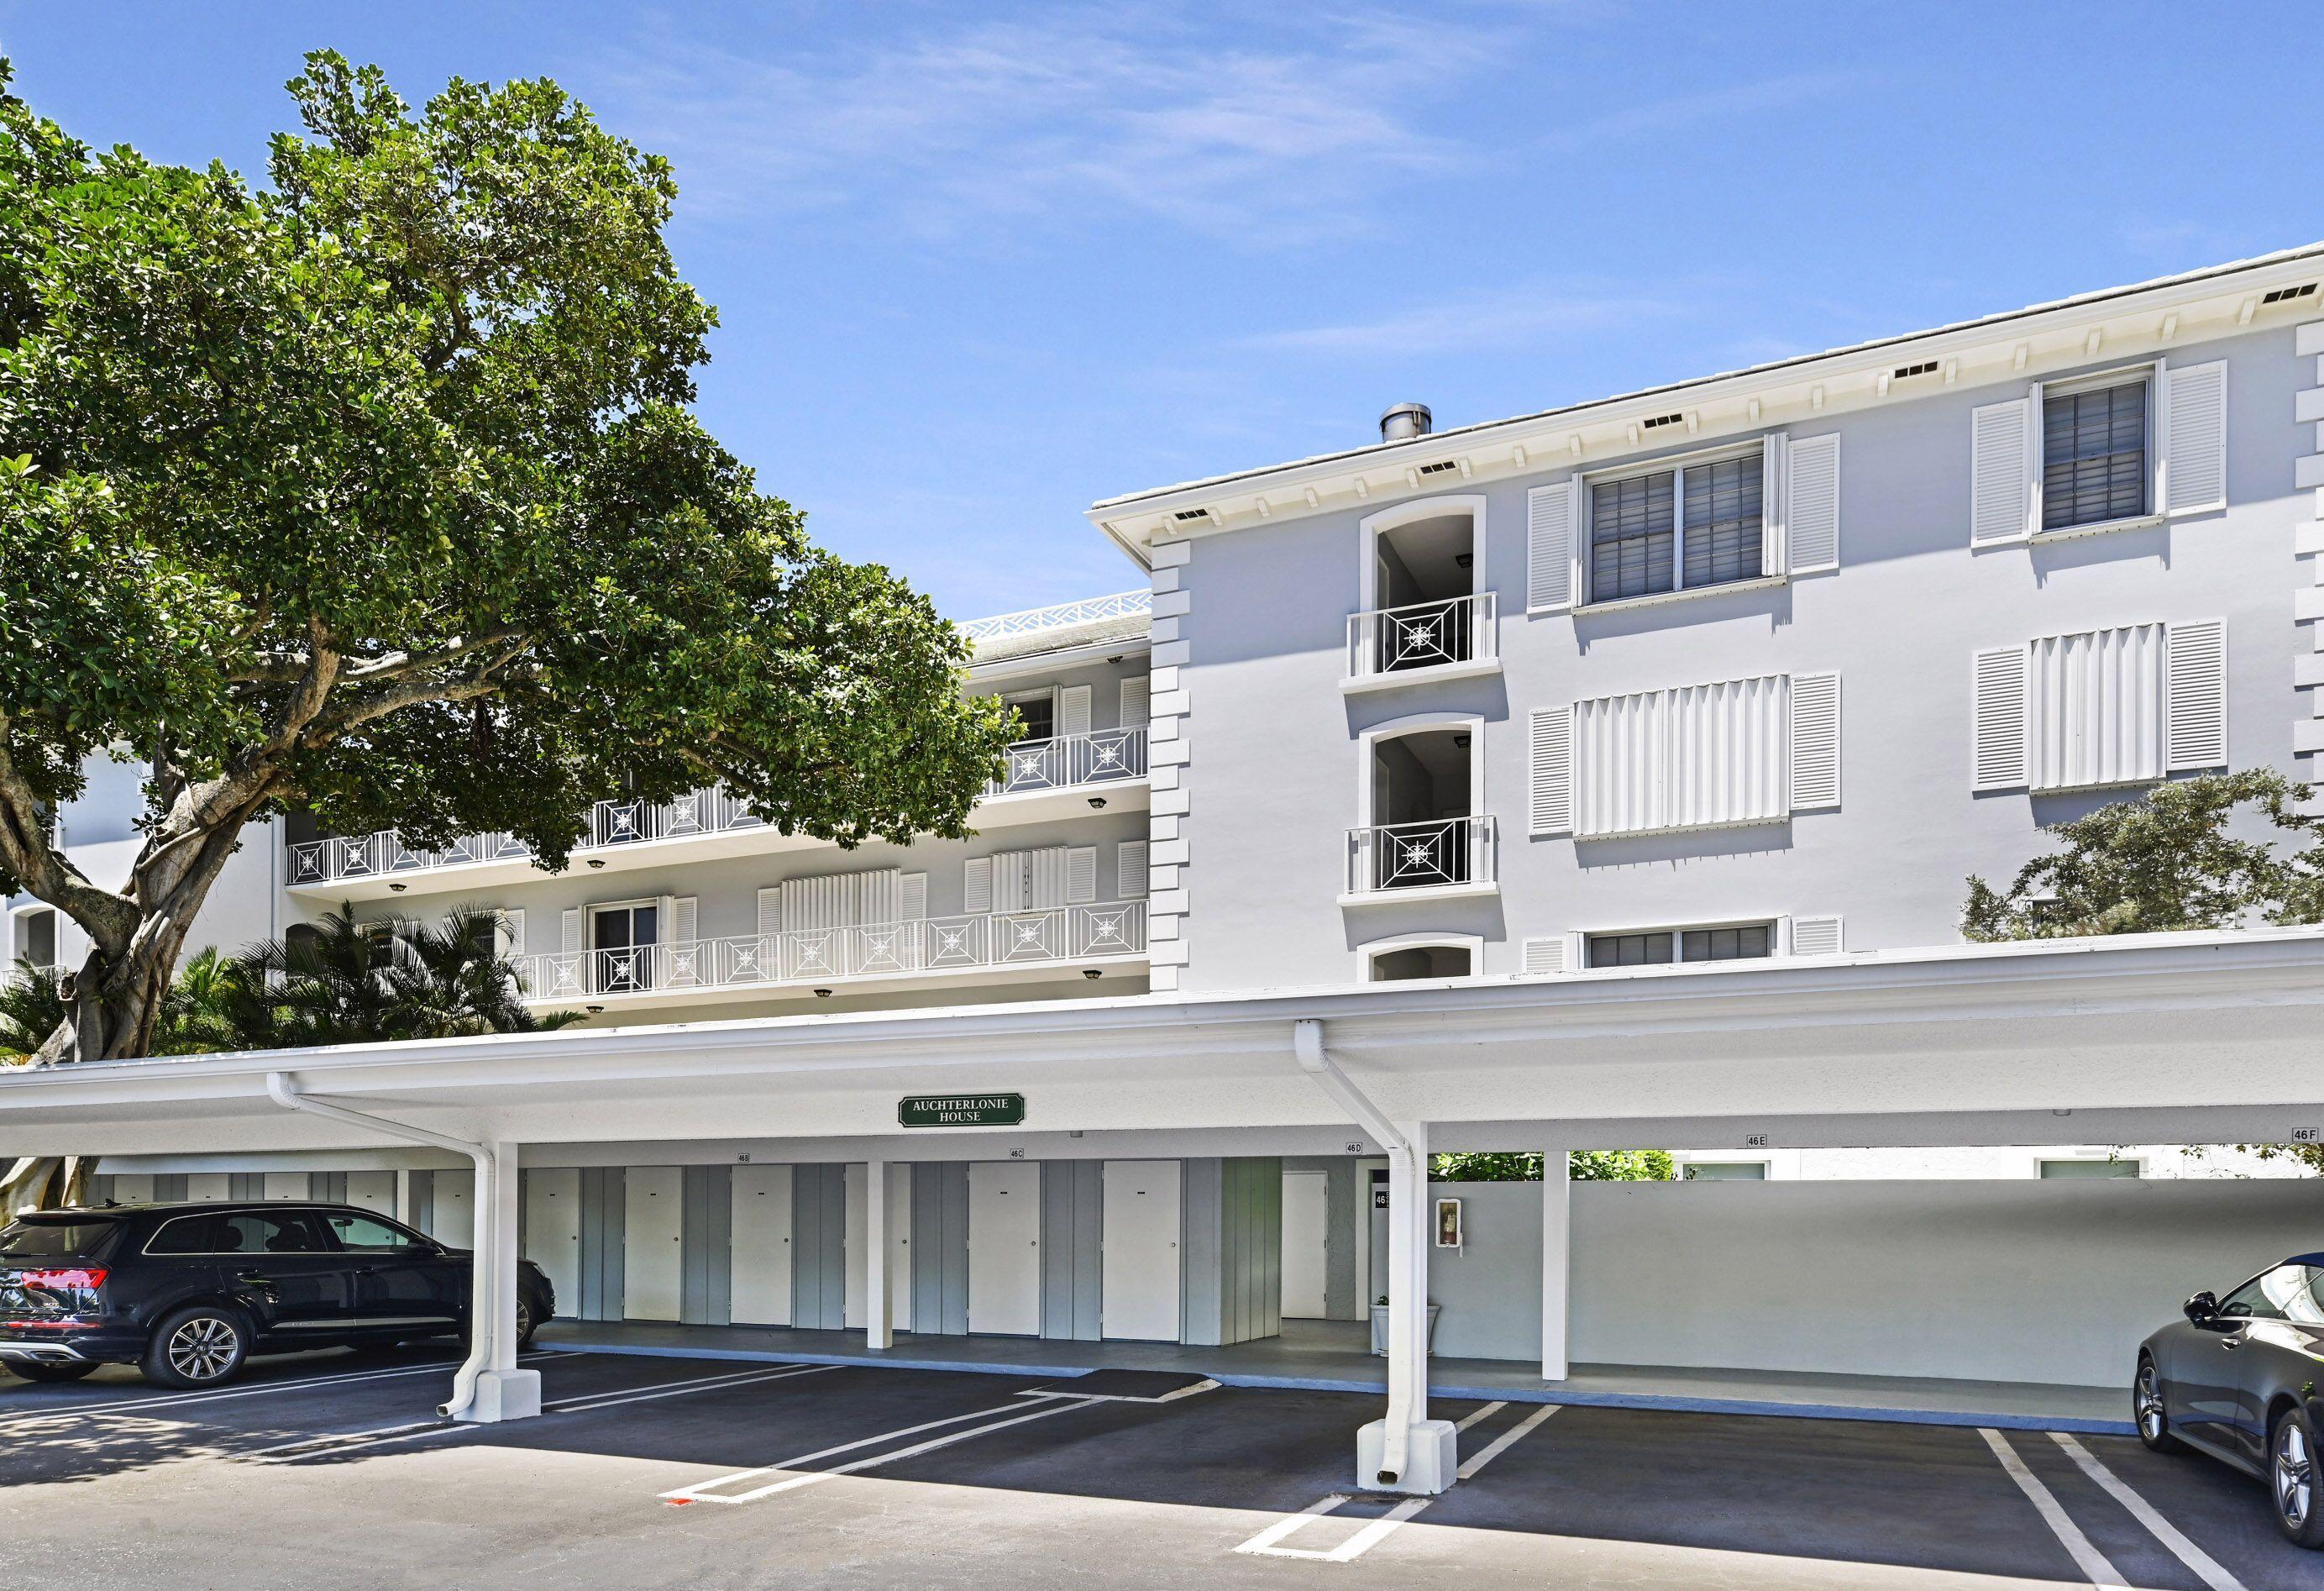 Details for 4475 Ocean Boulevard N 46b, Boynton Beach, FL 33483